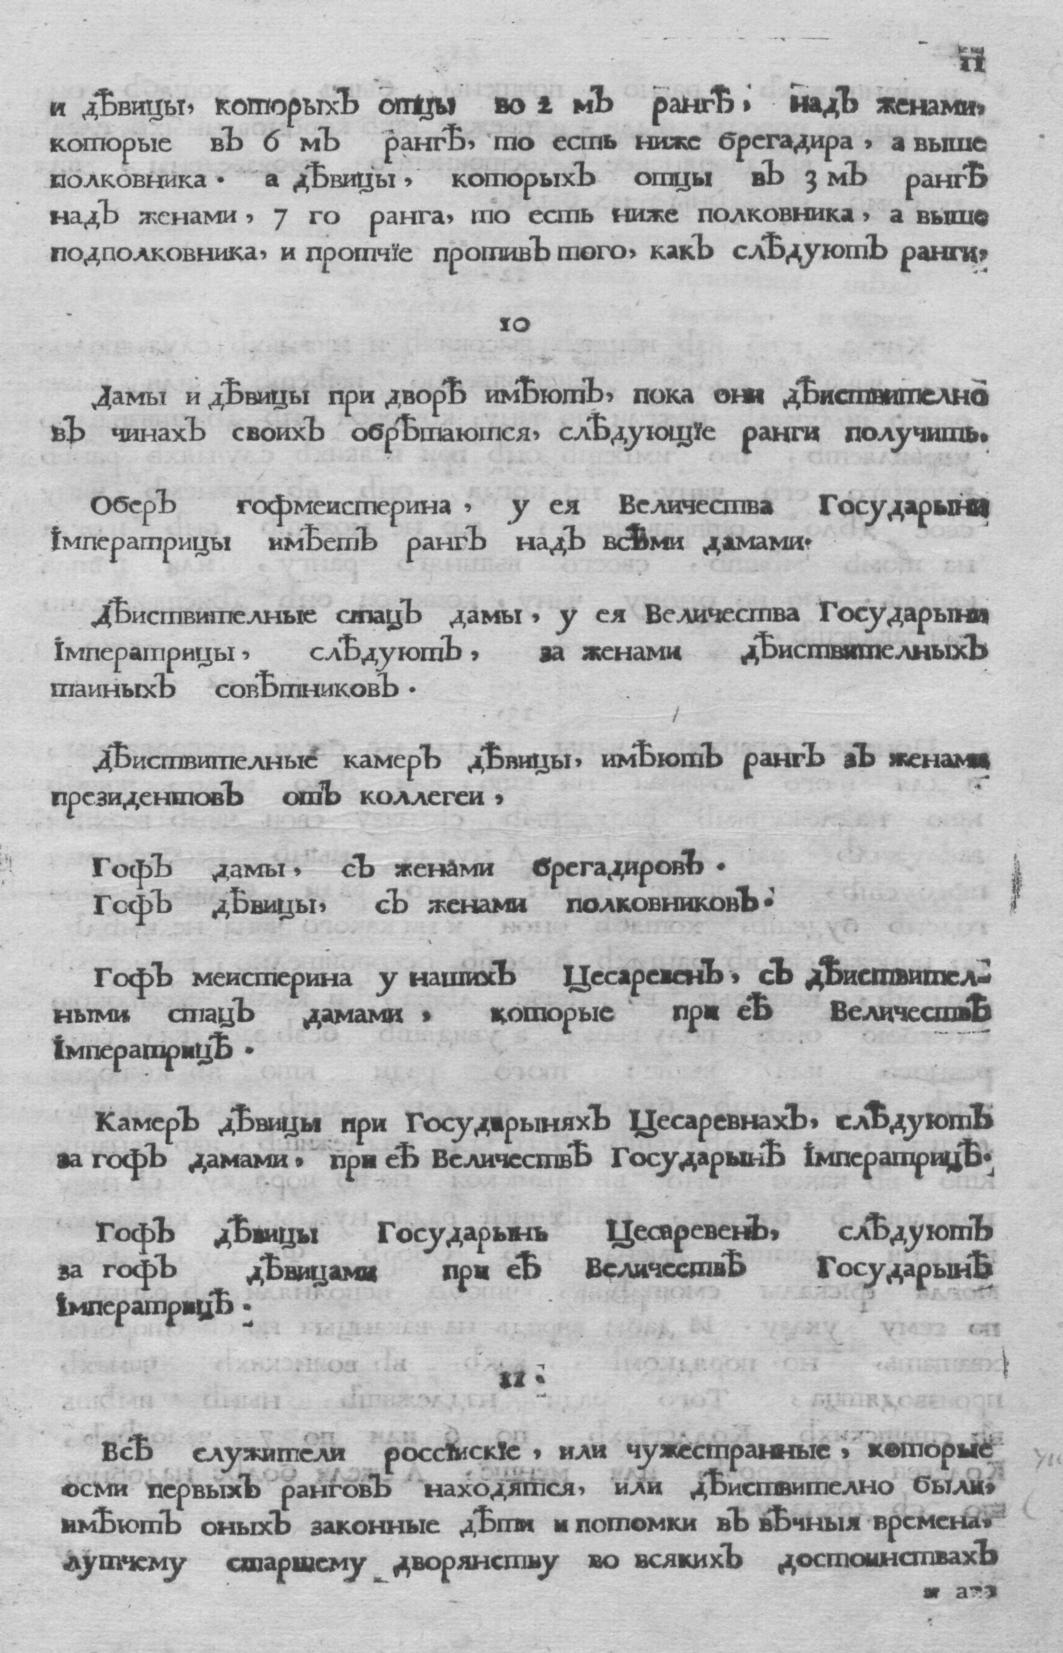 Табель о рангах всех чинов, воинских, статских, и придворных. Печатано в Московскои типографии, 30 января 1722